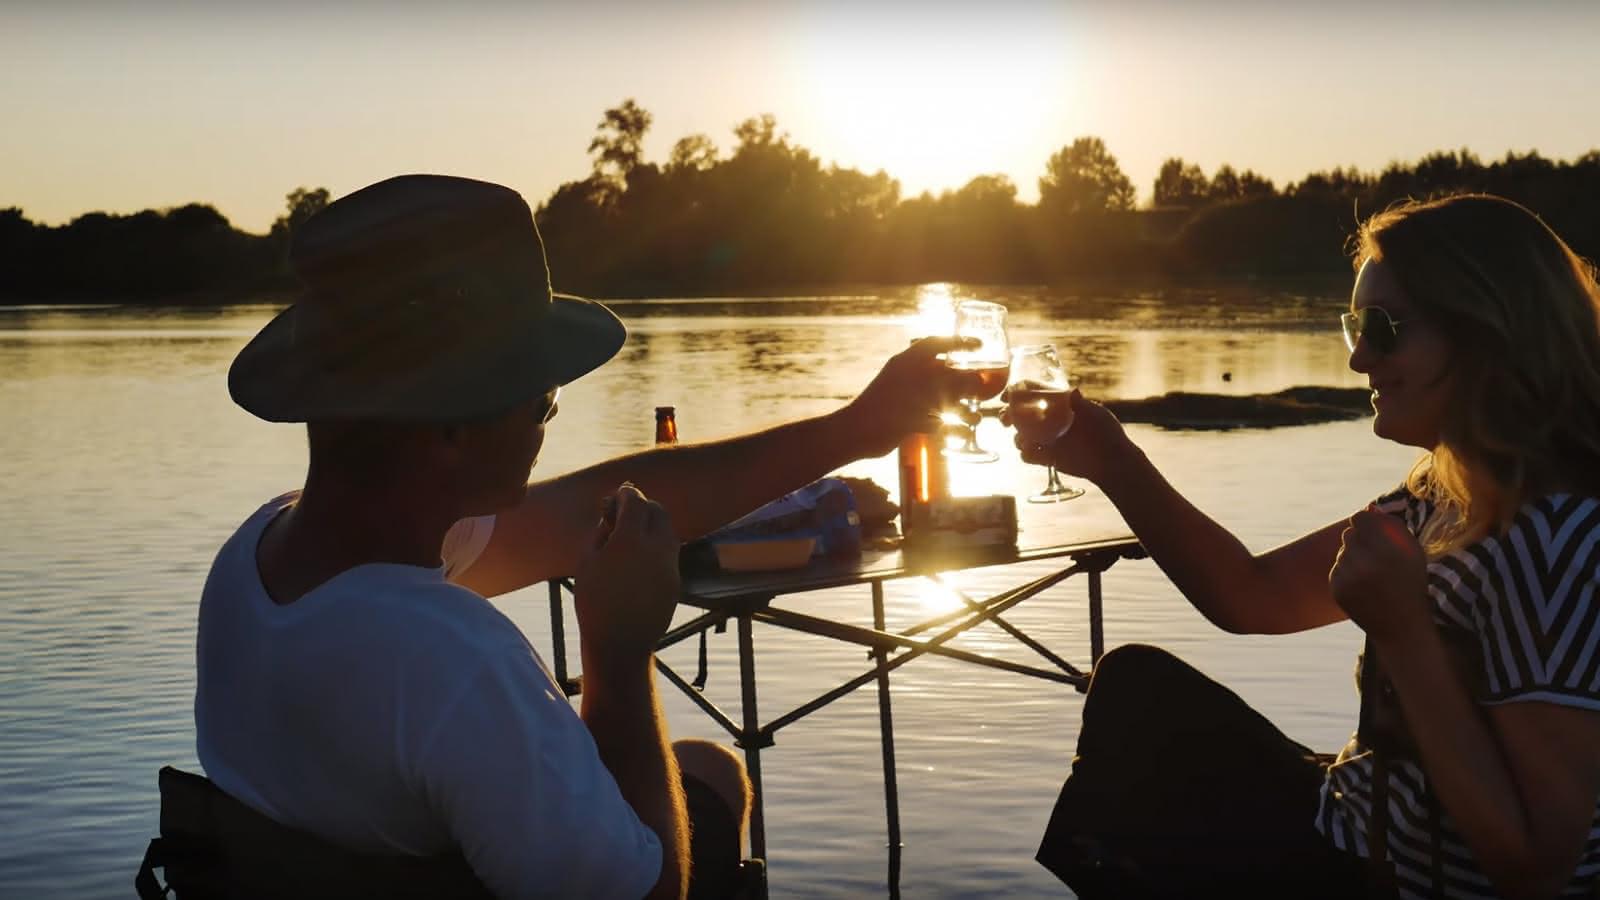 Pique-nique sur la Loire avec l'association Milière Raboton - Chaumont-sur-Loire en Loir-et-Cher Val de Loire - Vacances en famille ou escapade amoureuse - 20 ans du classement Unesco du Val de Loire